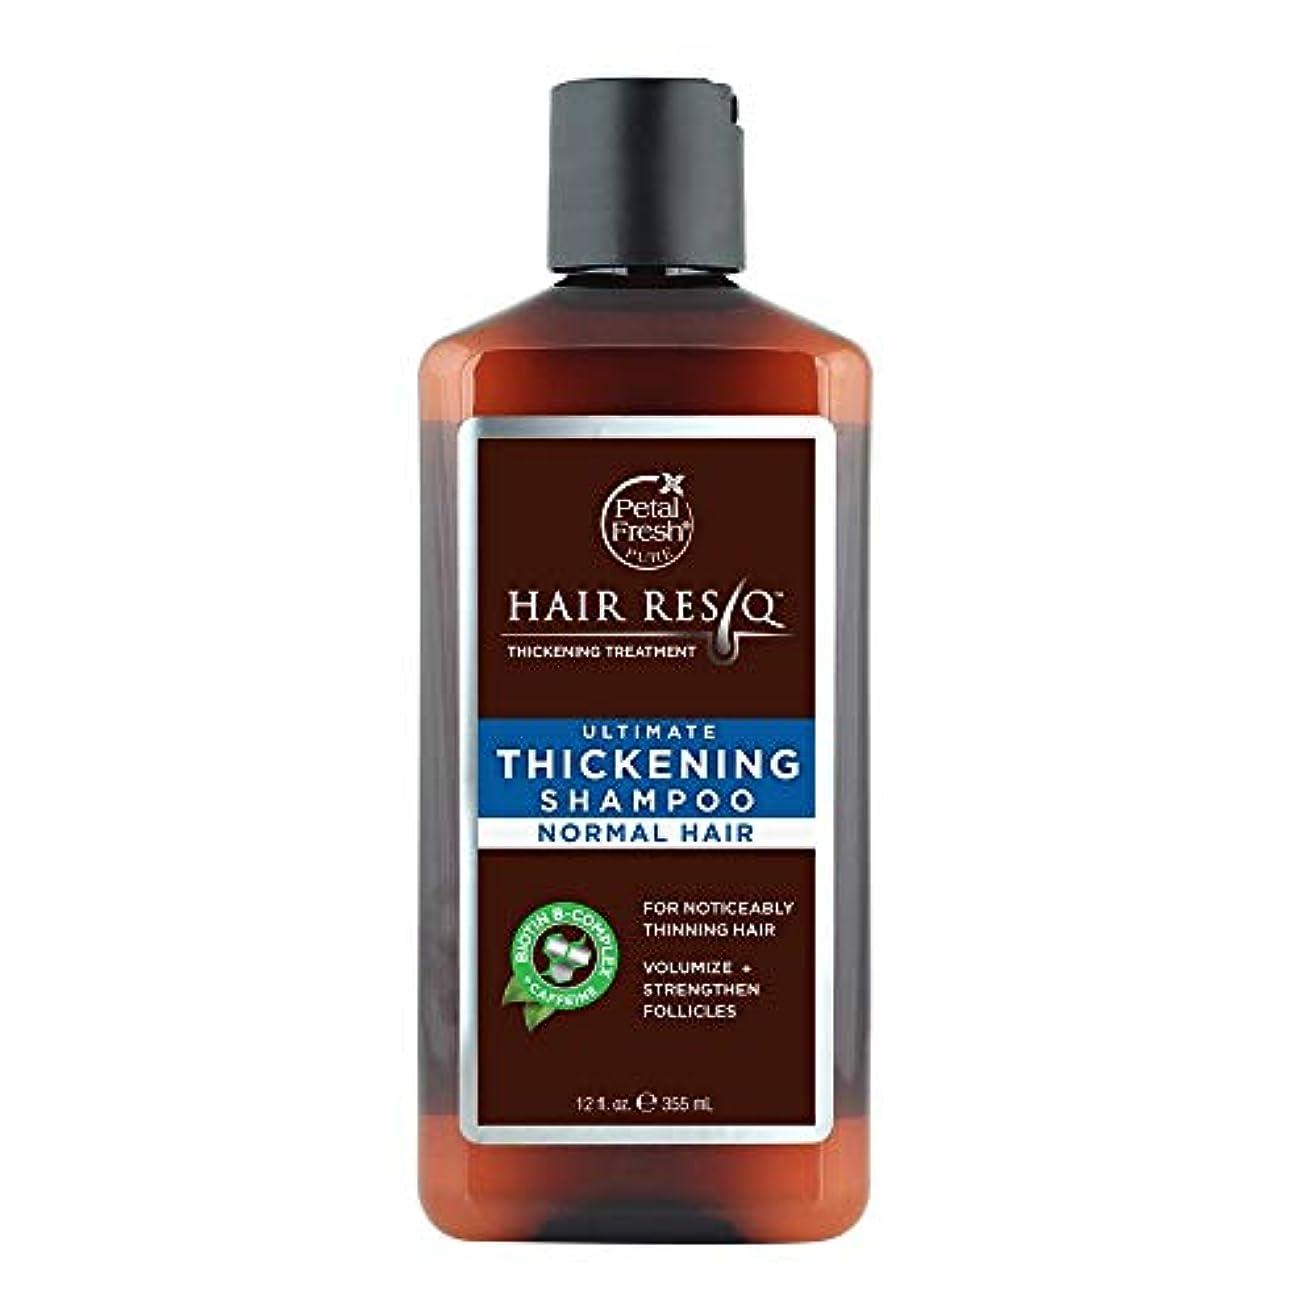 突っ込む蒸し器観客Petal Fresh ペタルフレッシュ ピュア 強く太く健康的な髪する シャンプー 12 fl oz (355 ml) [並行輸入品]